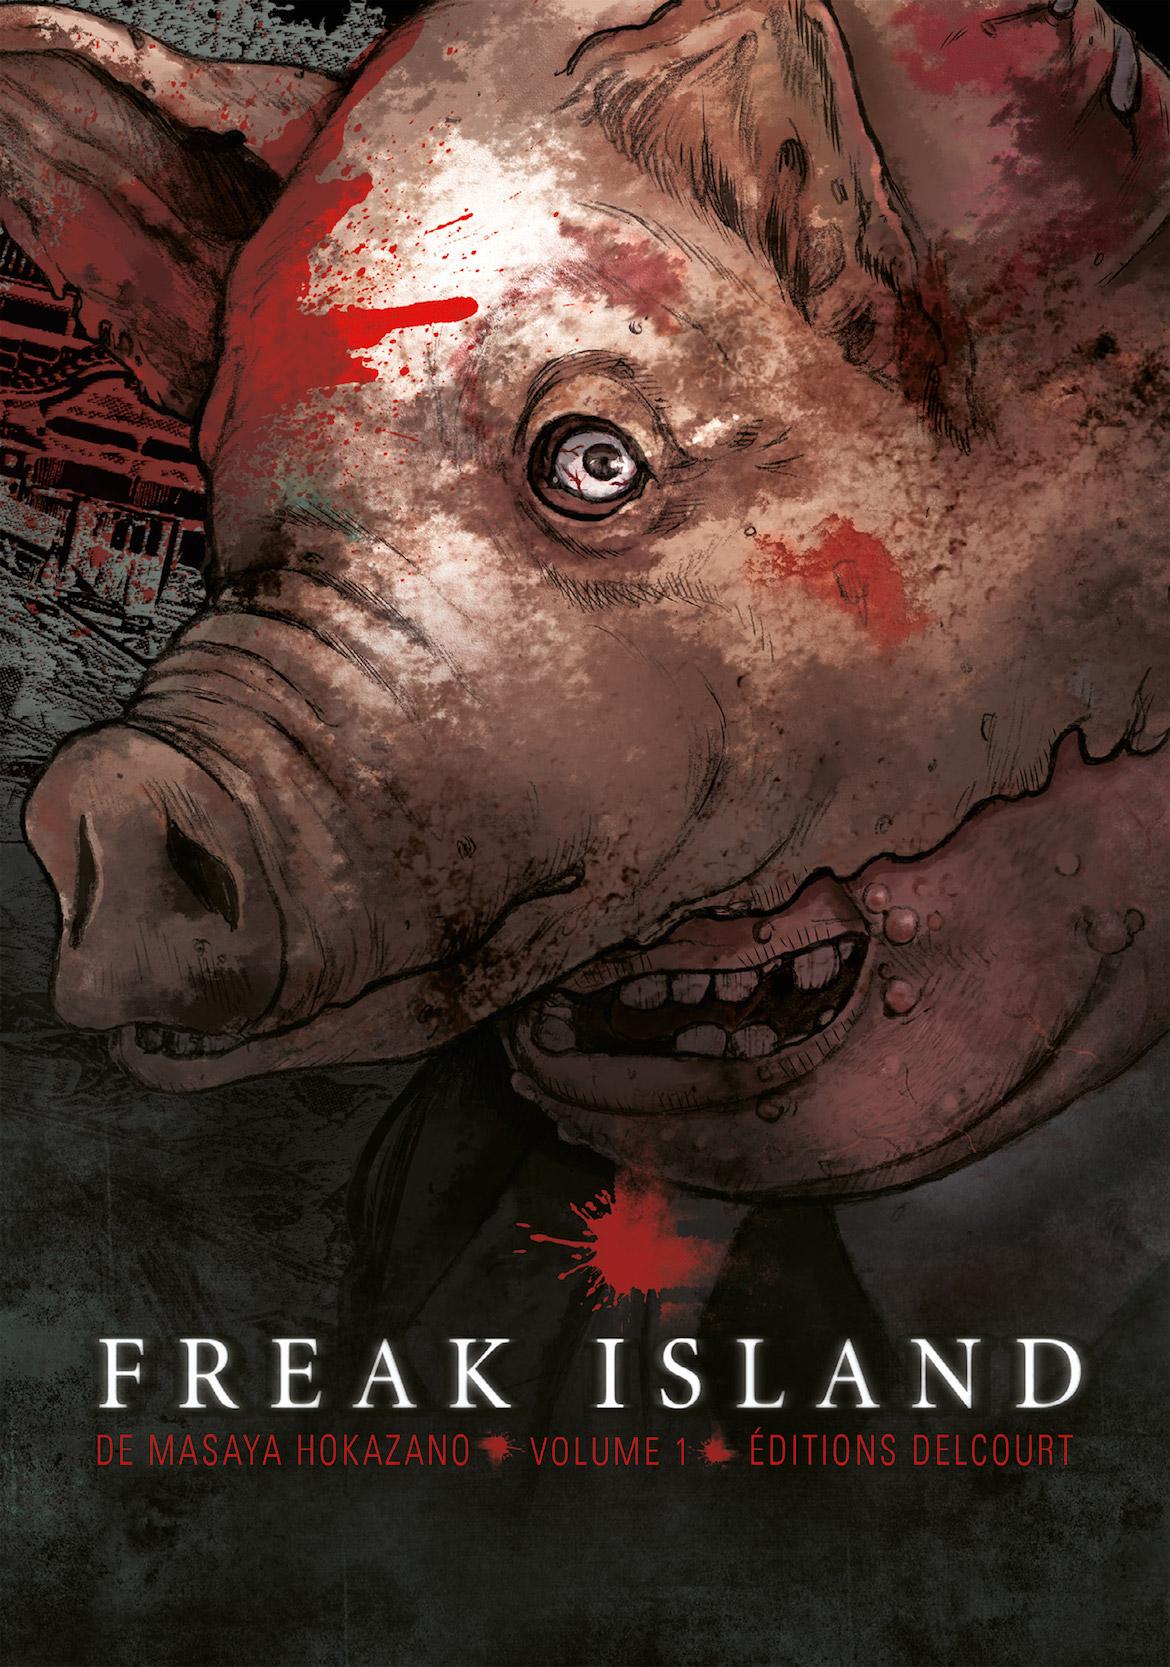 Island freaks